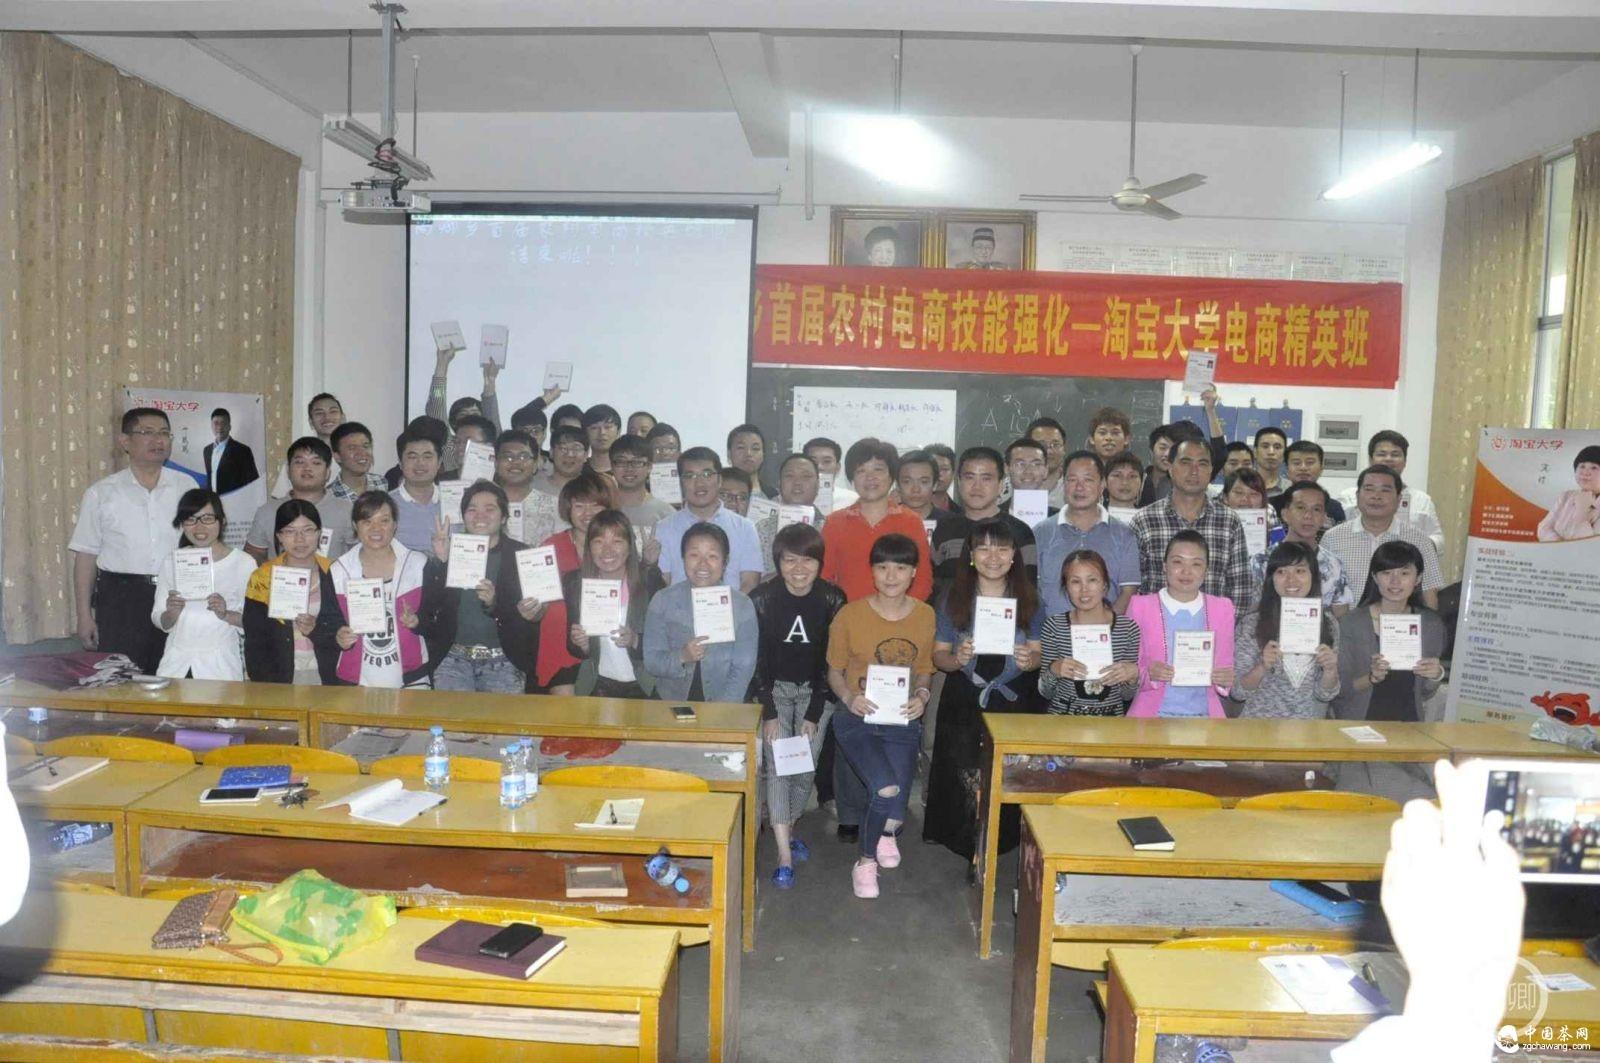 安溪电商培训走进乡村助力青年电商创业